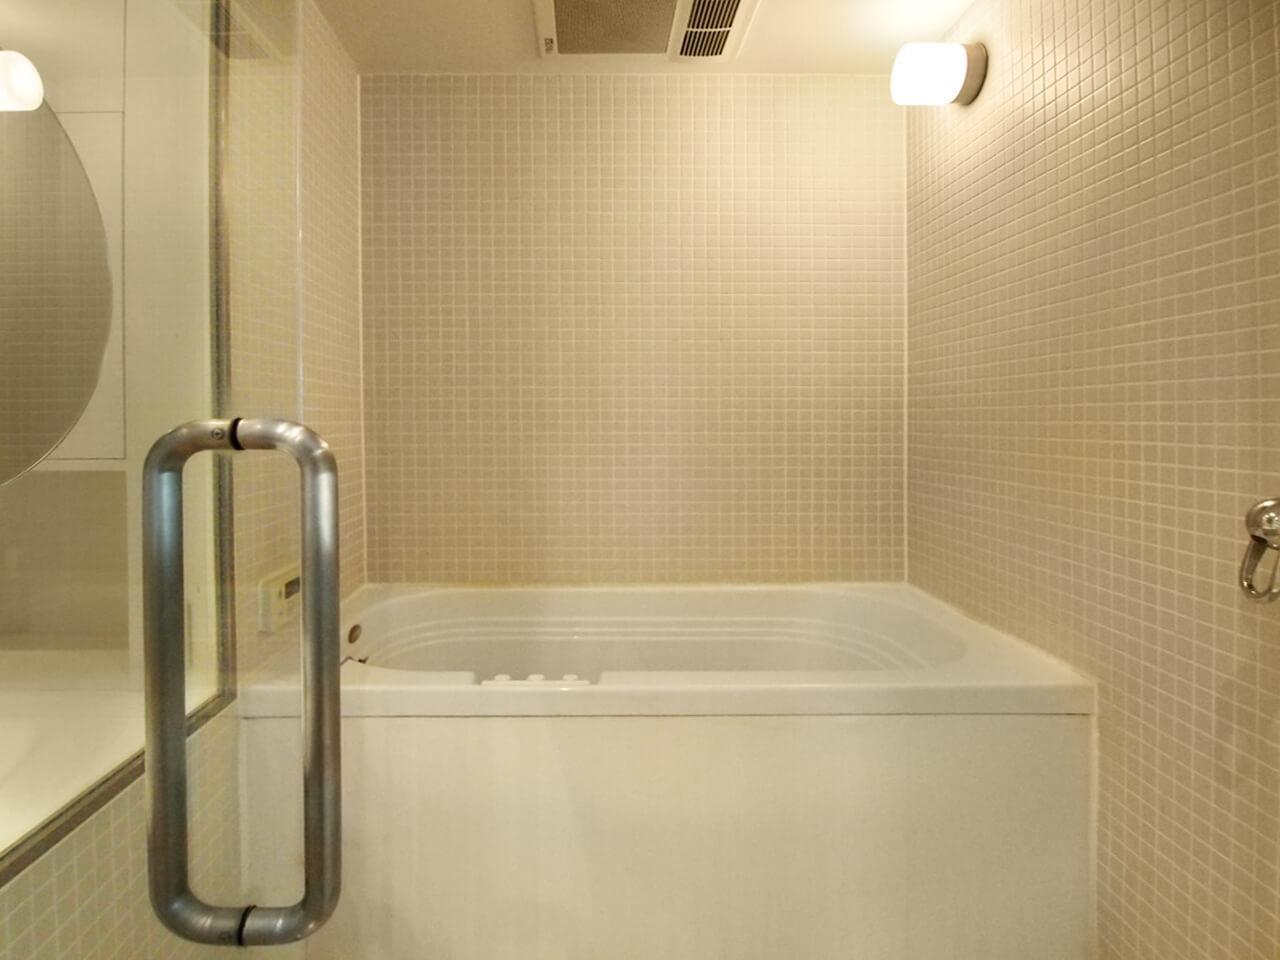 浴室はジェットバス機能付き